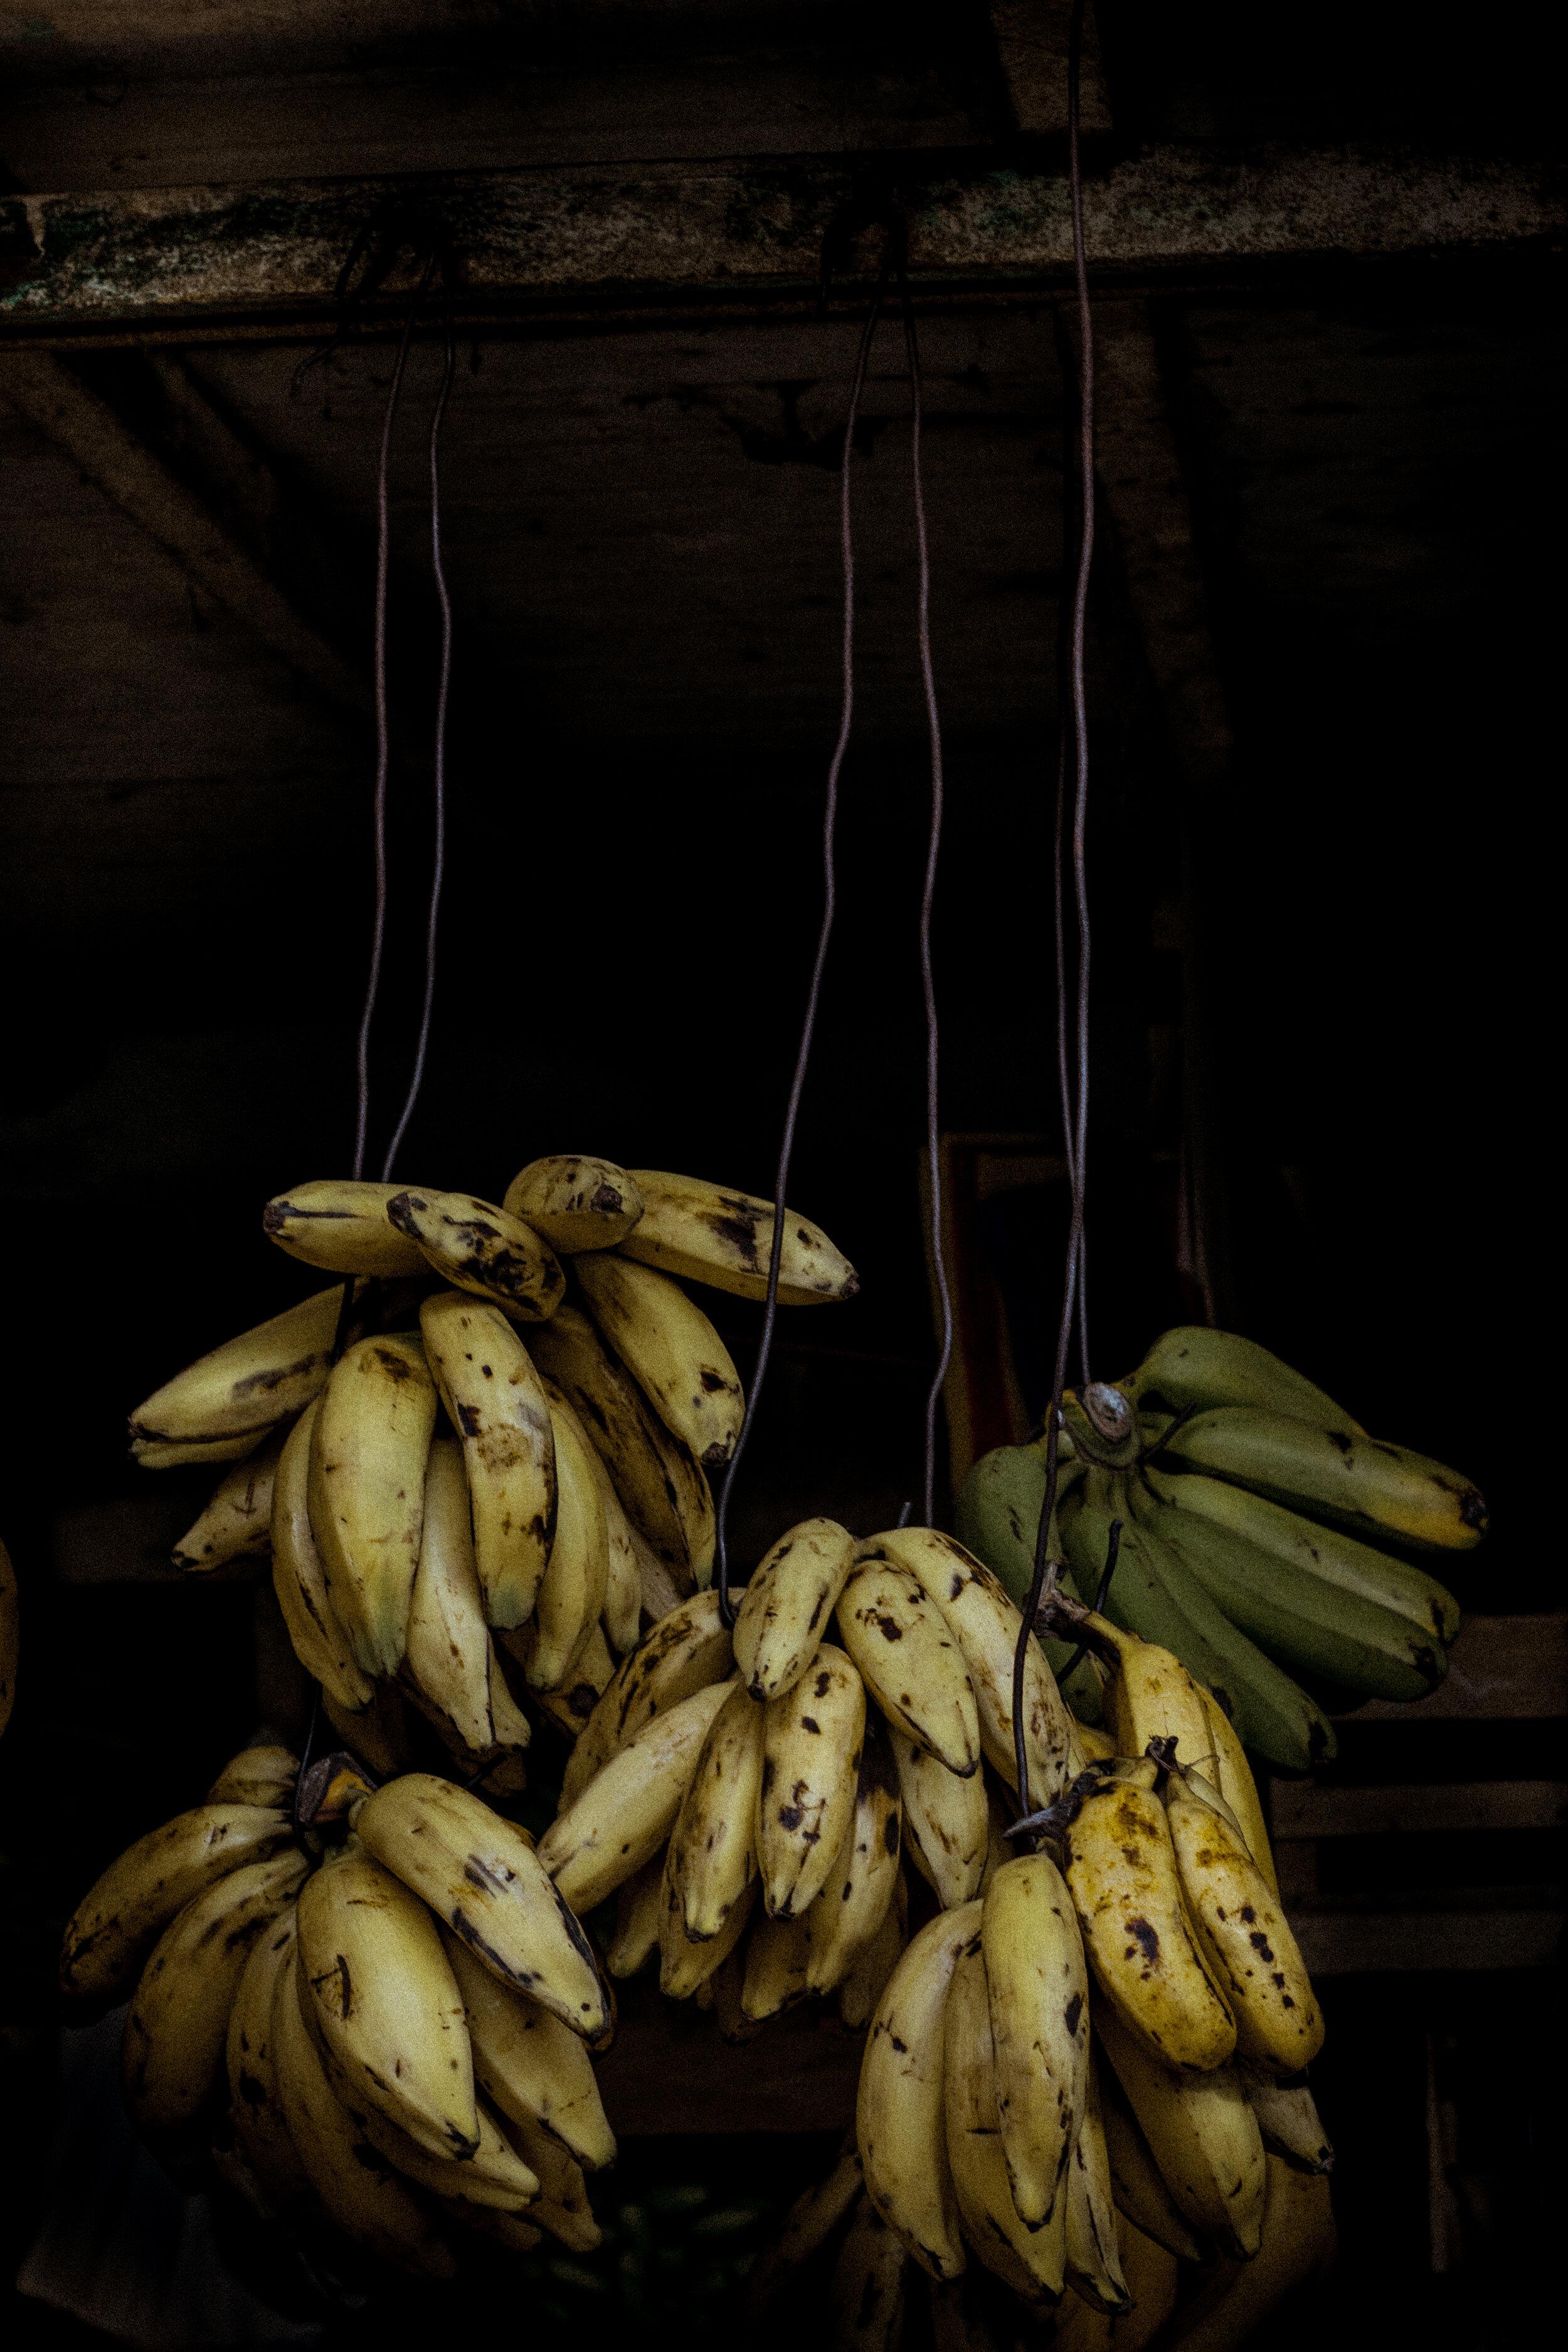 Still bananas. Perú. 2016